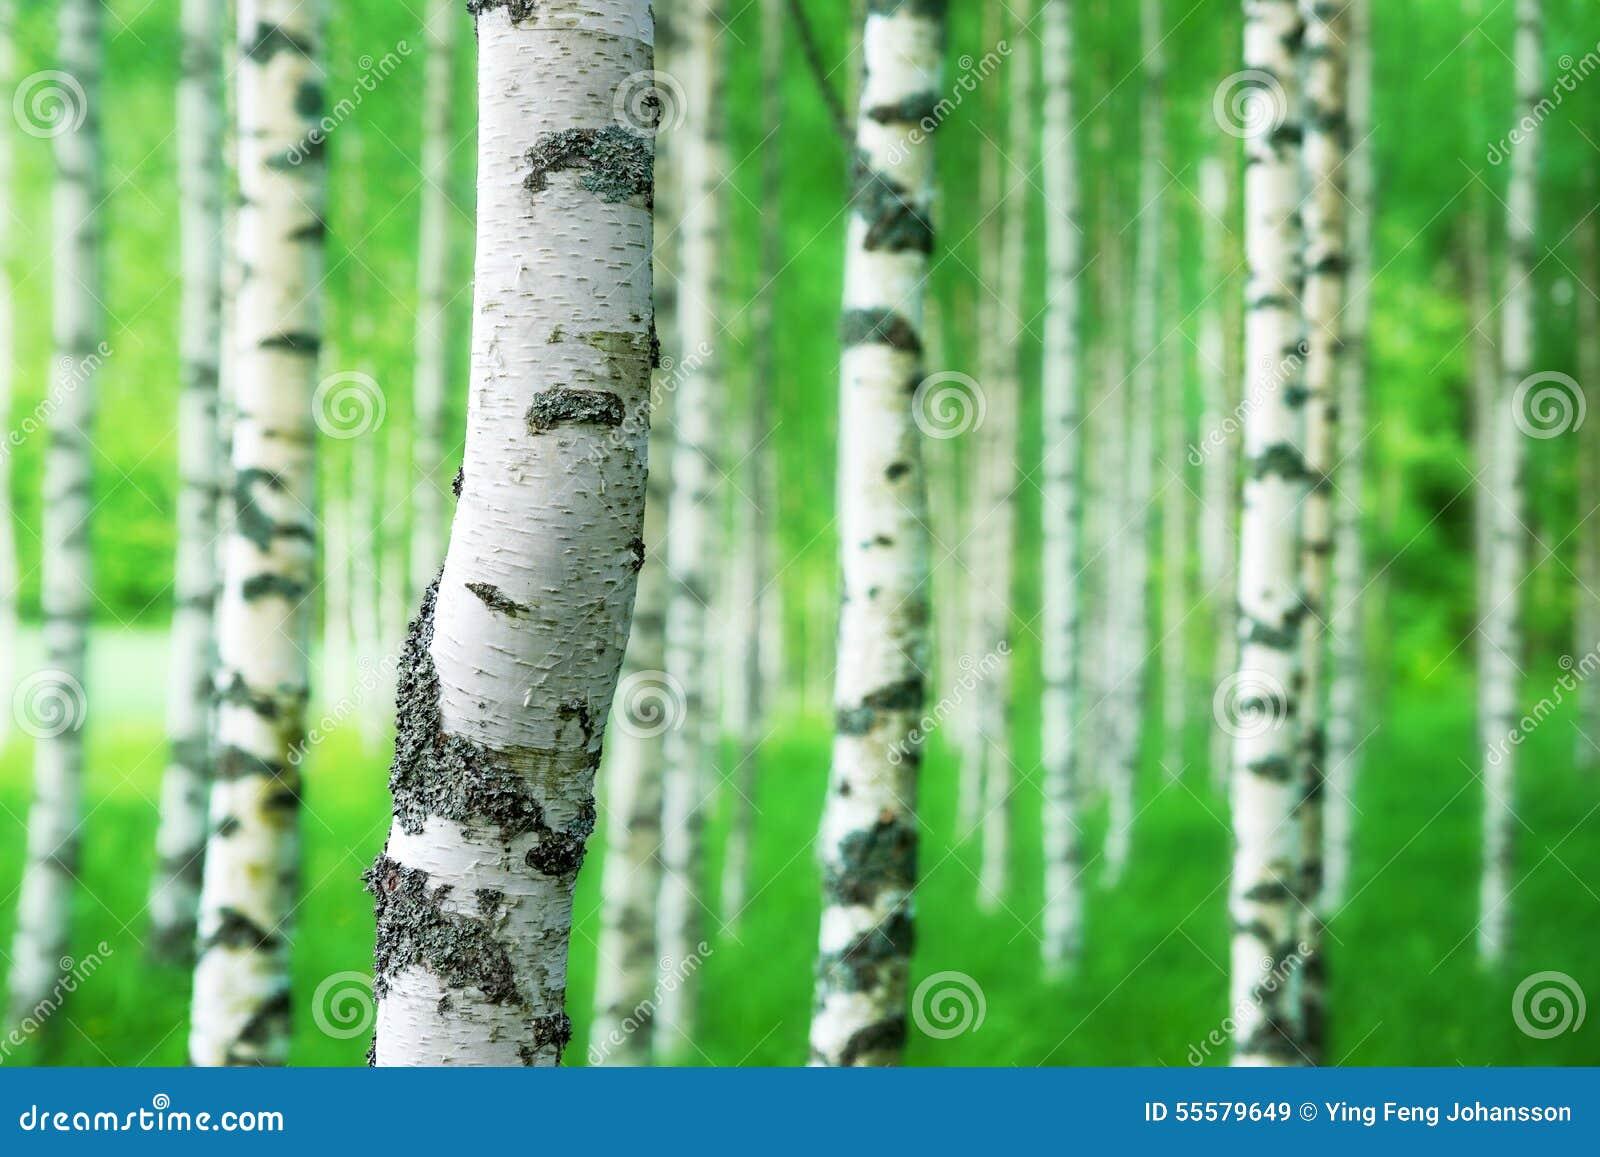 tronc d'arbre de bouleau image stock. image du trunk - 55579649